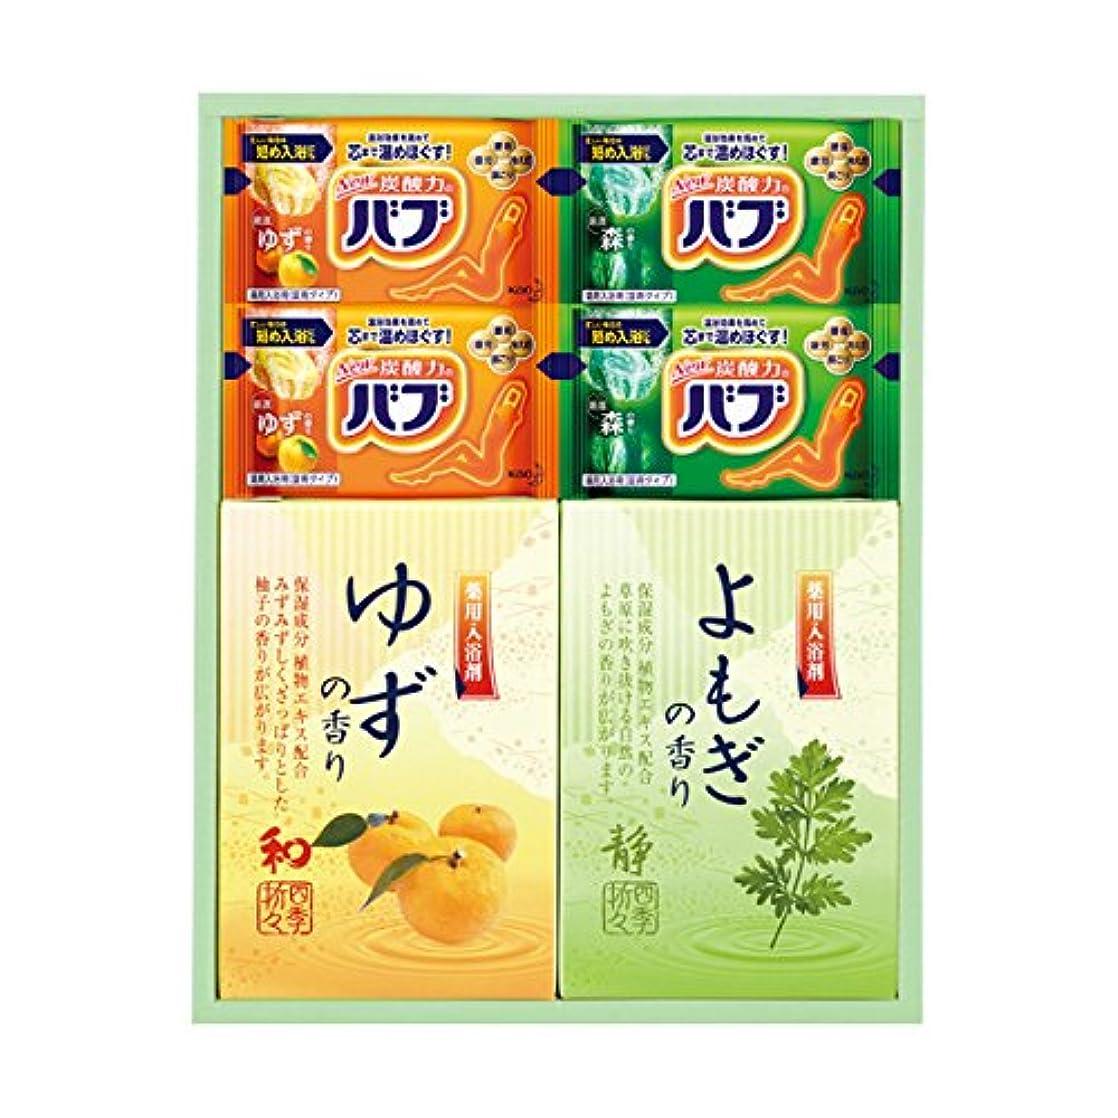 均等に起きる祭り炭酸 薬用入浴剤セット BKK-10 BKK-10